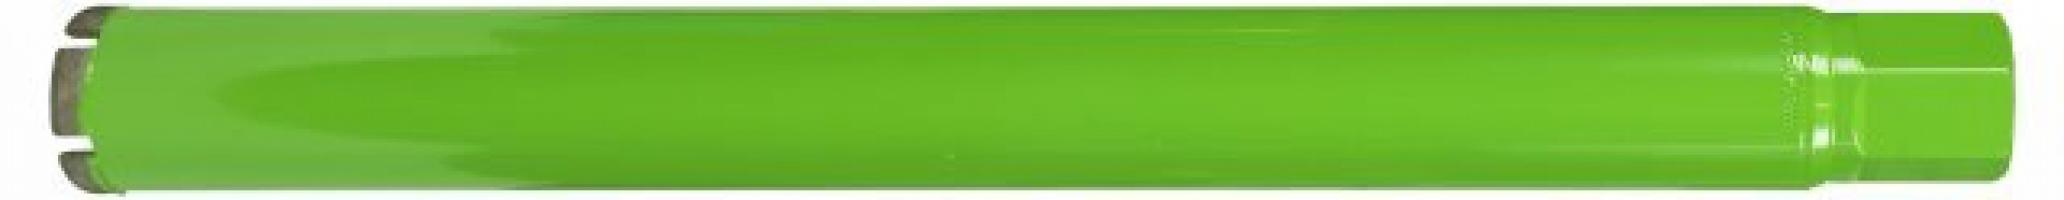 """24tool.ru Айбеншток Алмазные мокрые буровые коронки, 1 ¼ """"- Ø 51 мм Eibenstock"""